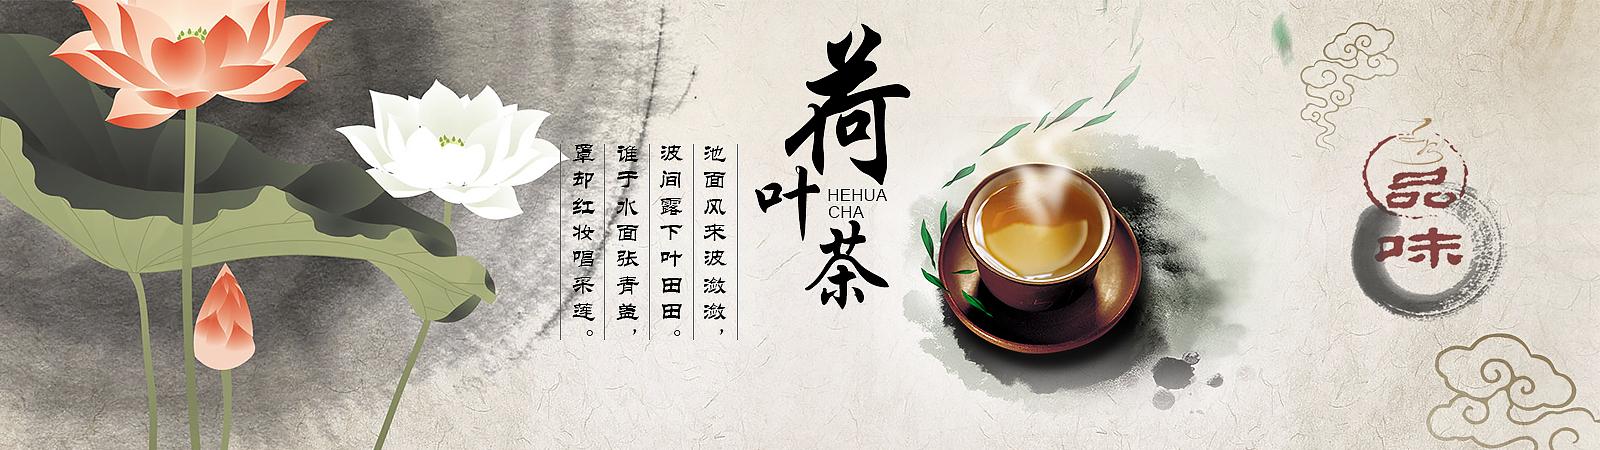 荷叶茶banner